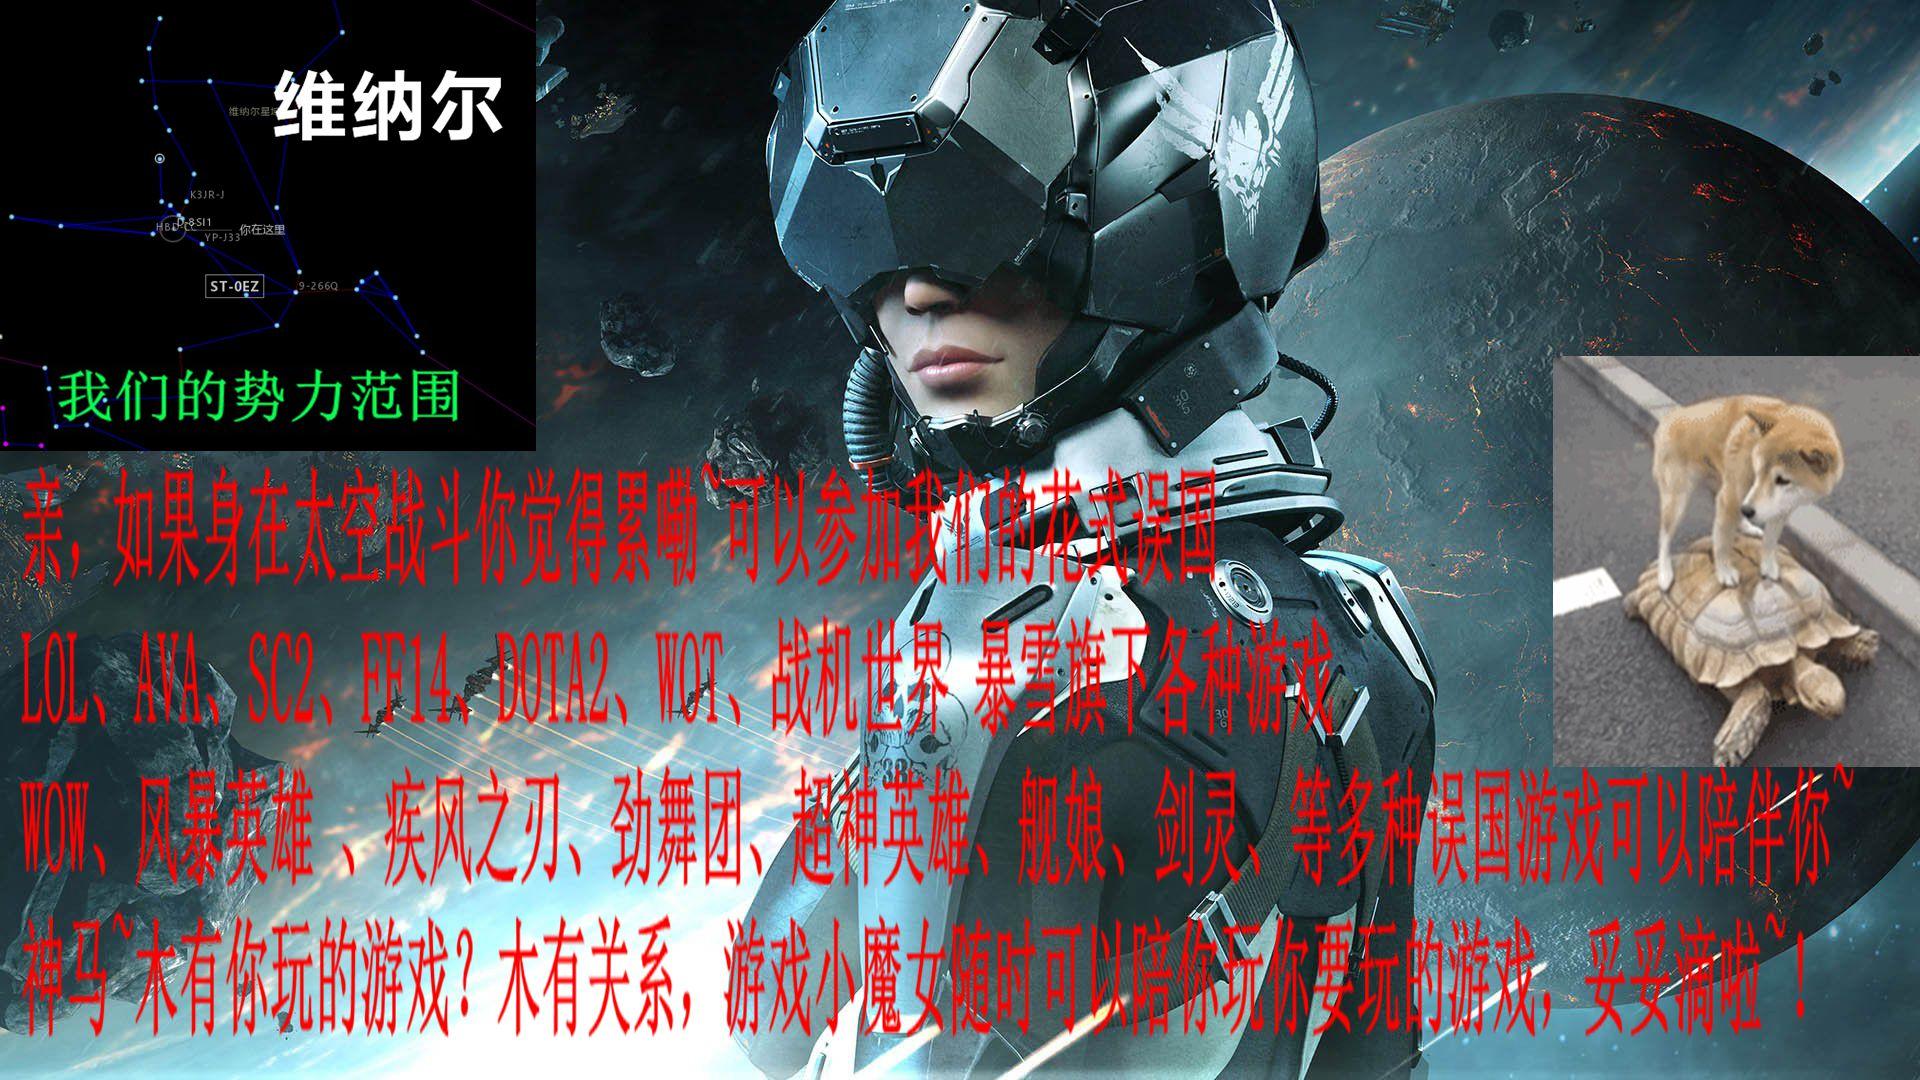 招新图片3.jpg